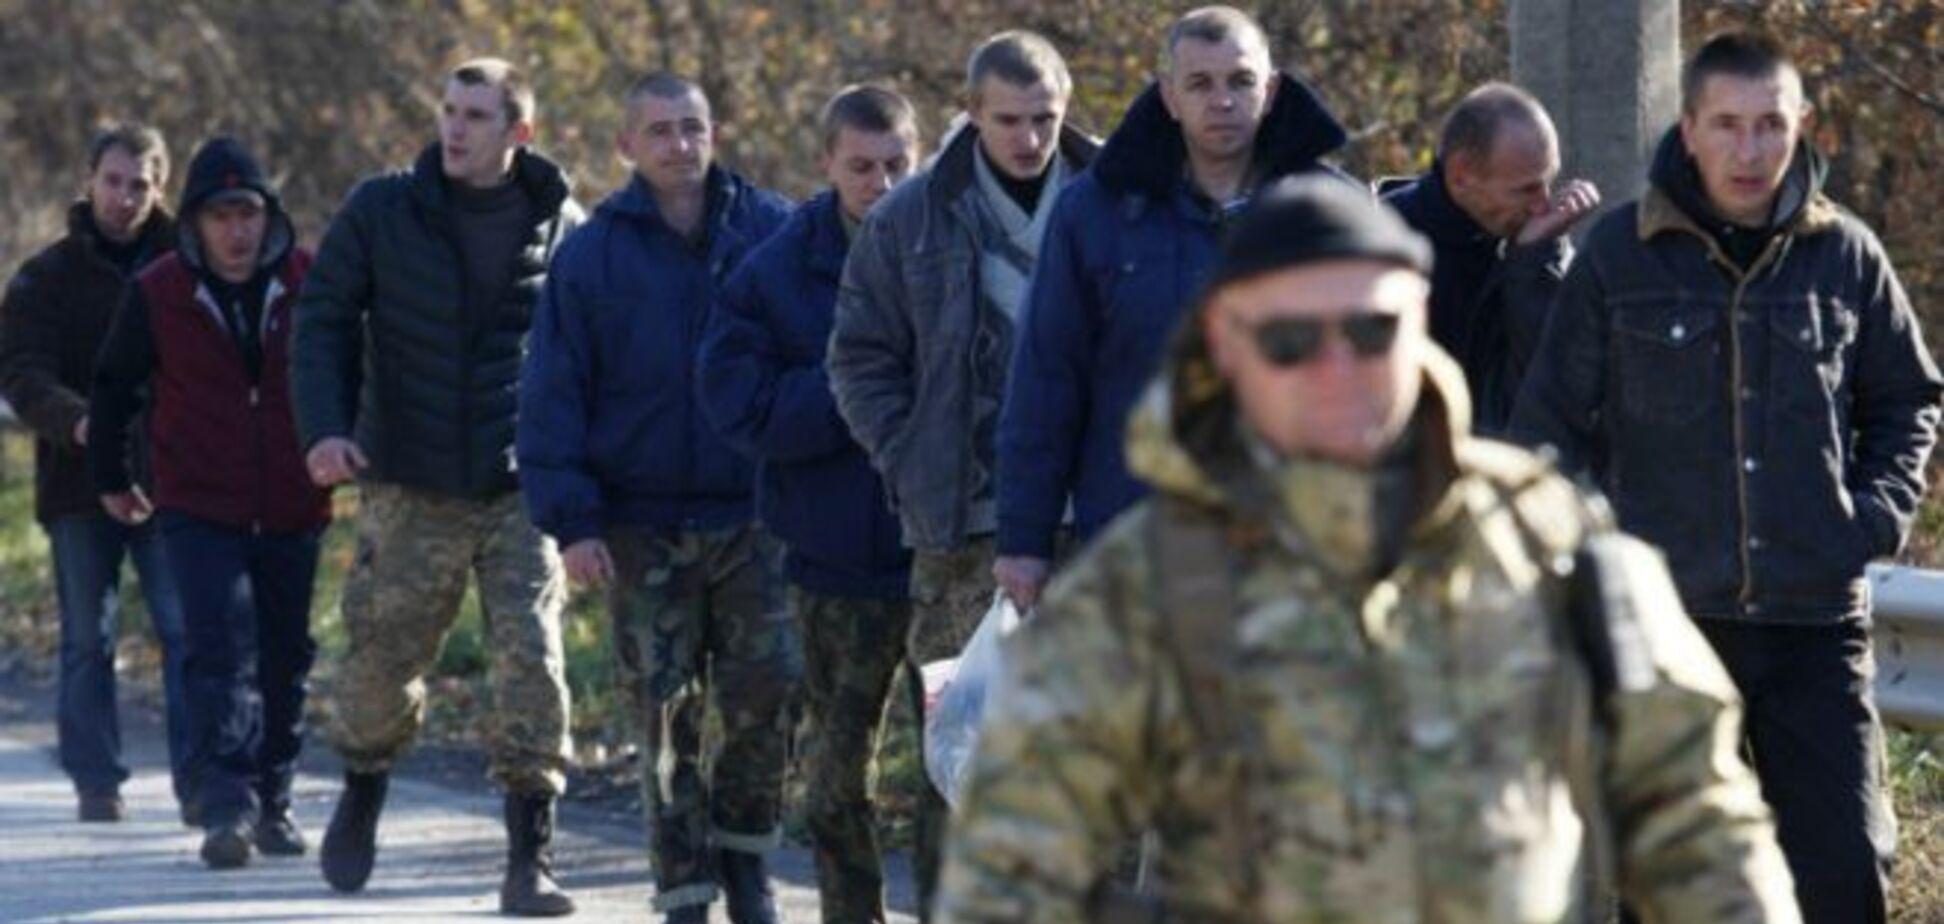 Обмін із 'Л/ДНР': стали відомі нові імена учасників